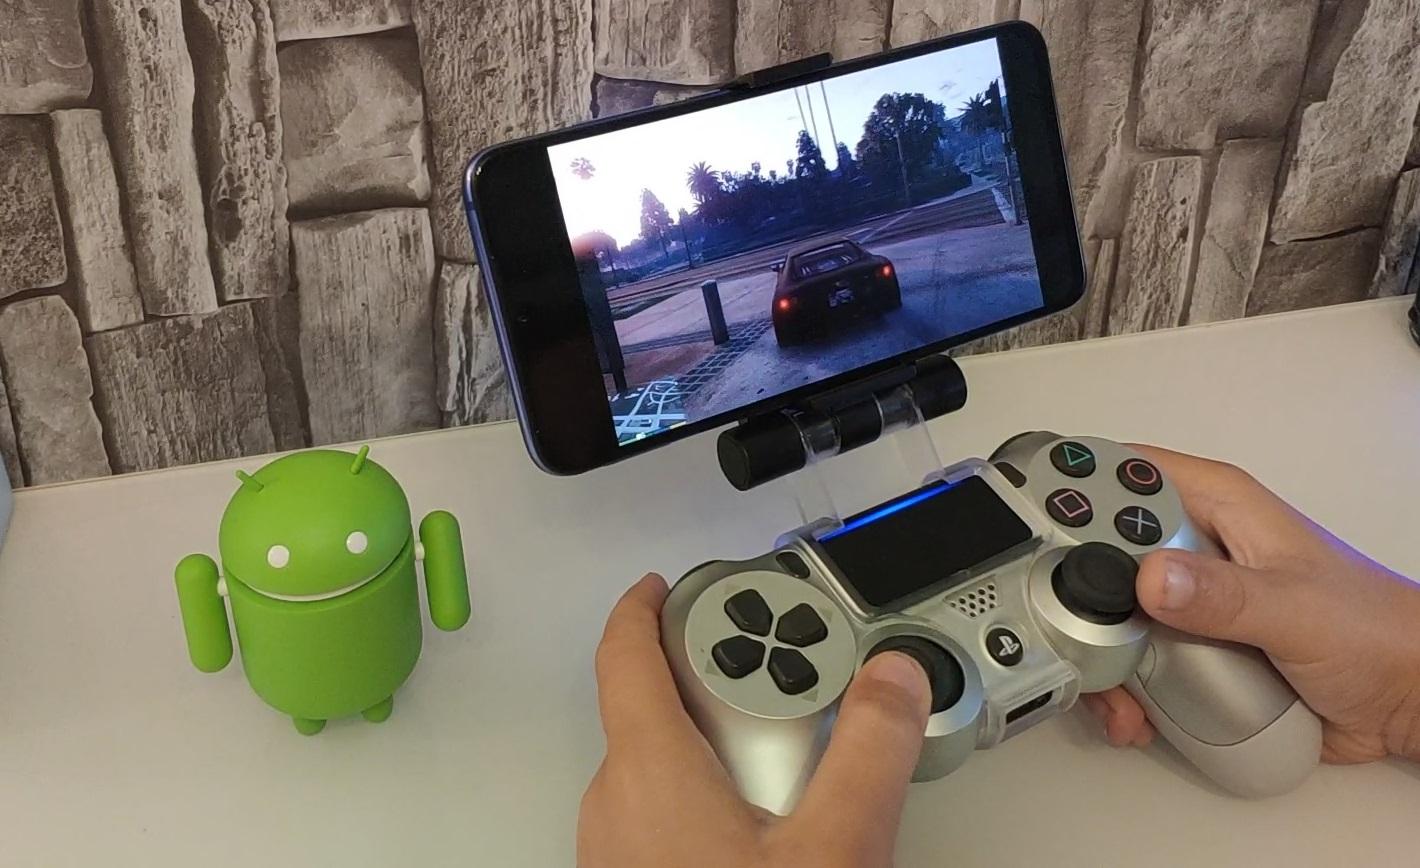 juegos PC en android